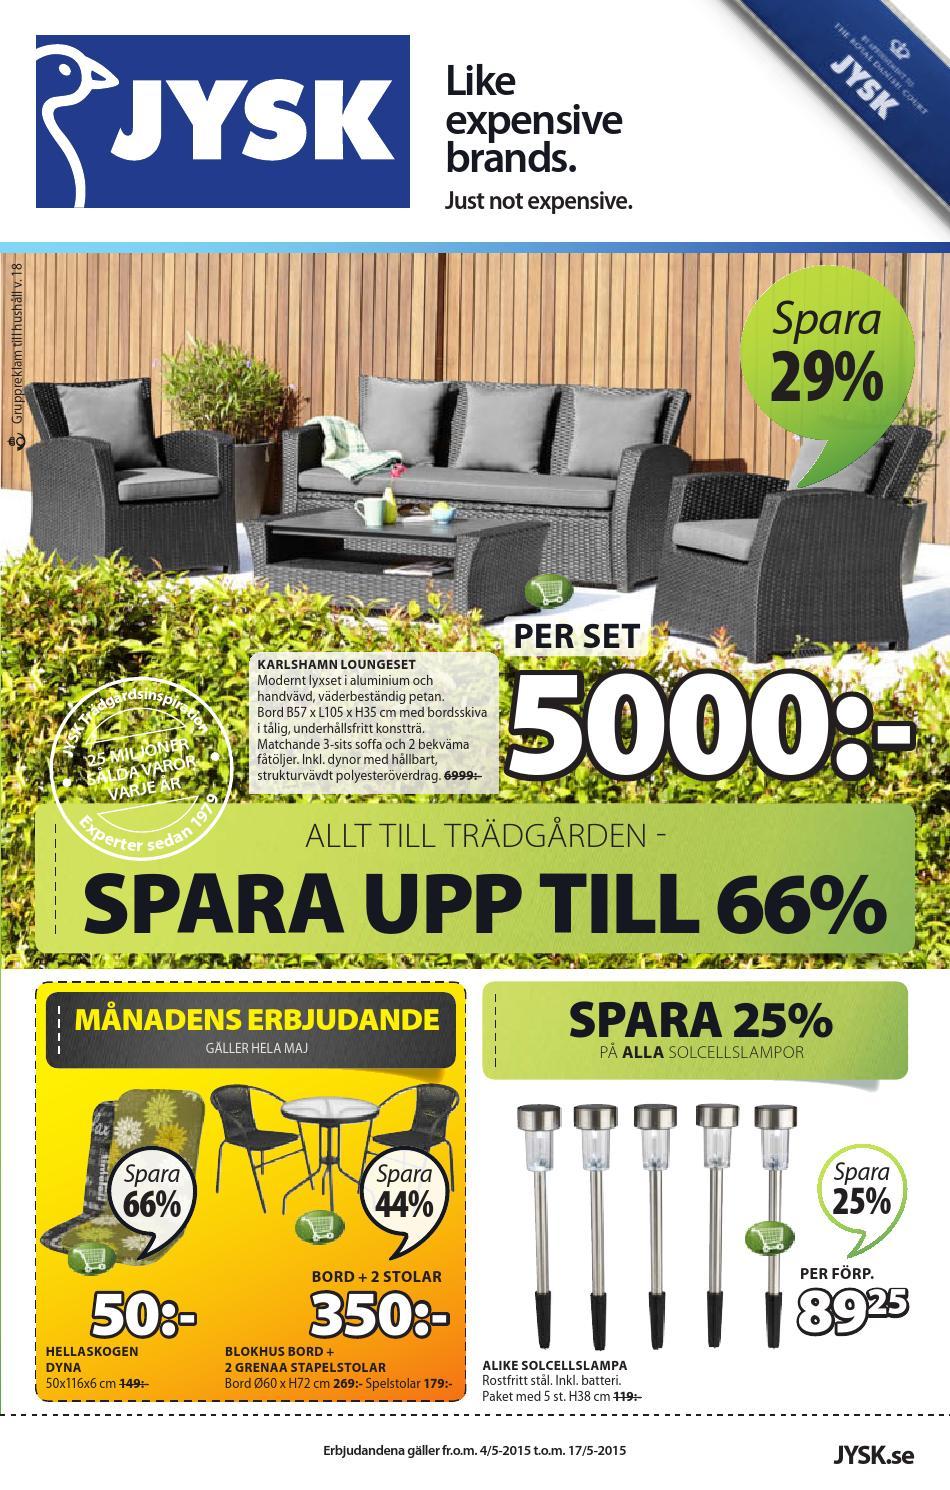 Nykomna Jysk sverige garden furniturepdf by masura - issuu ZF-45